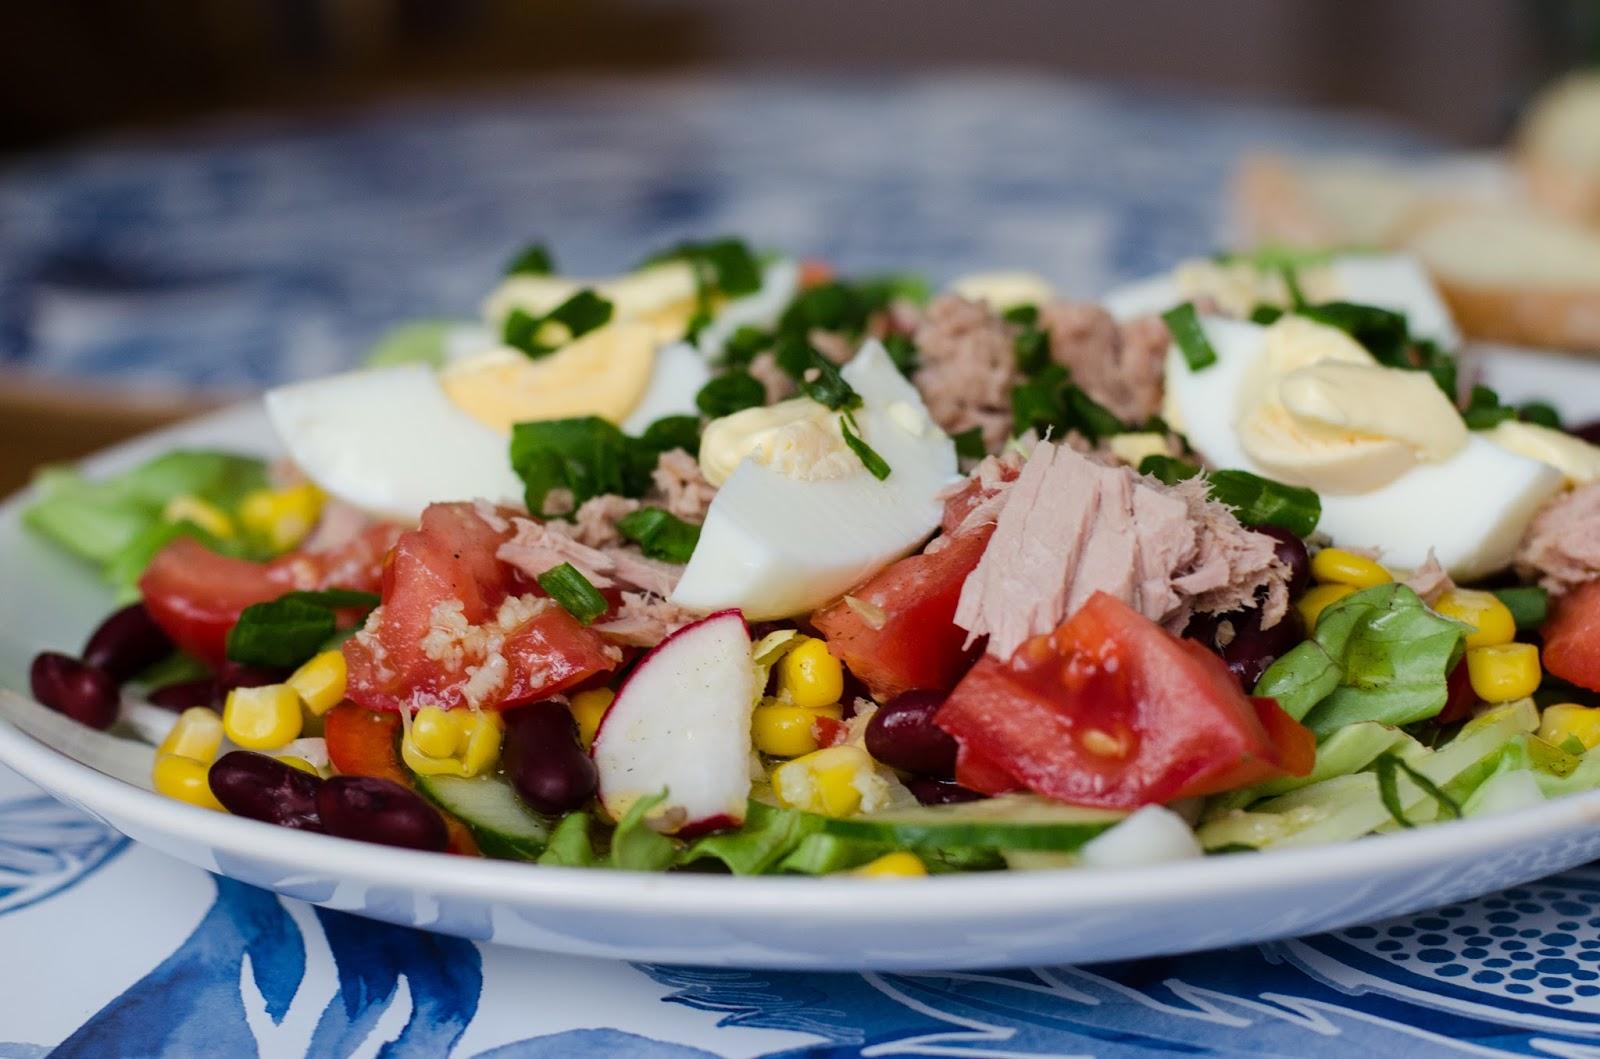 sałatka, sałatka z tuńczykiem, przepis, przepisy, kulinaria